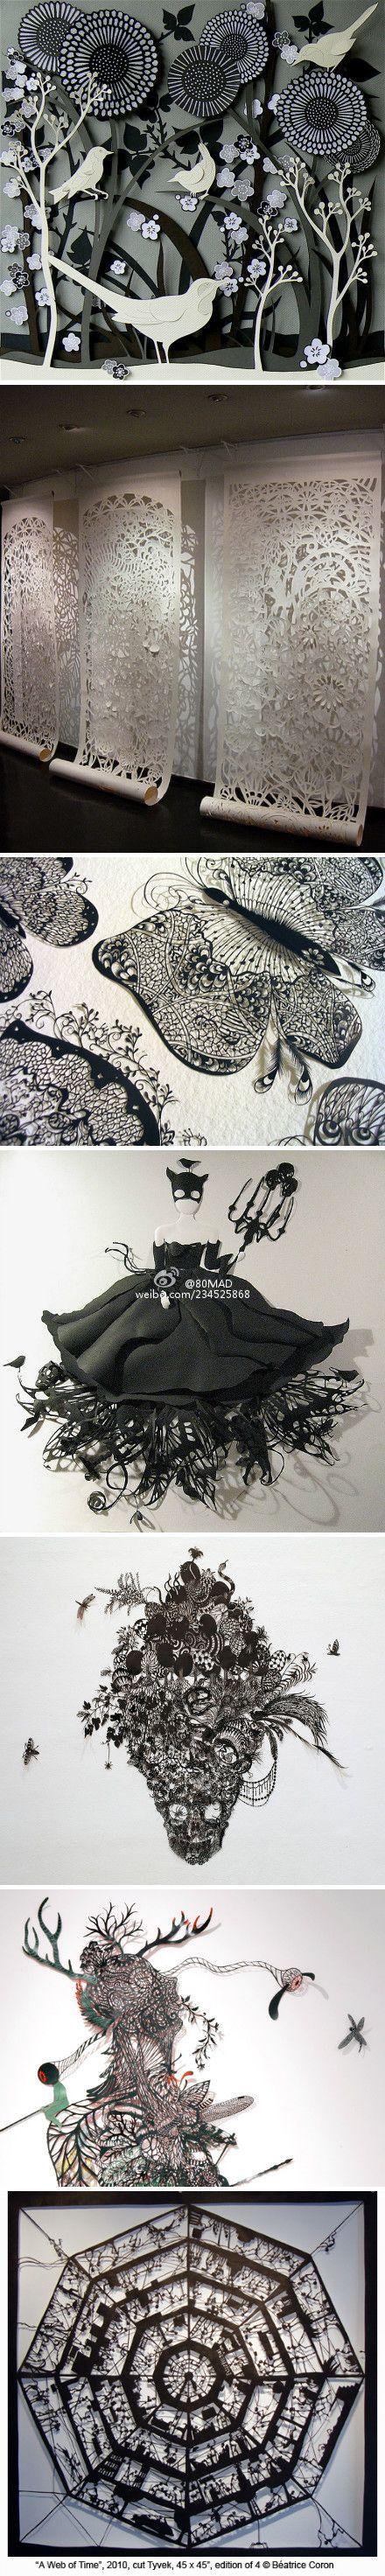 手工 DIY 的 剪纸 设计. ...  Papercuts